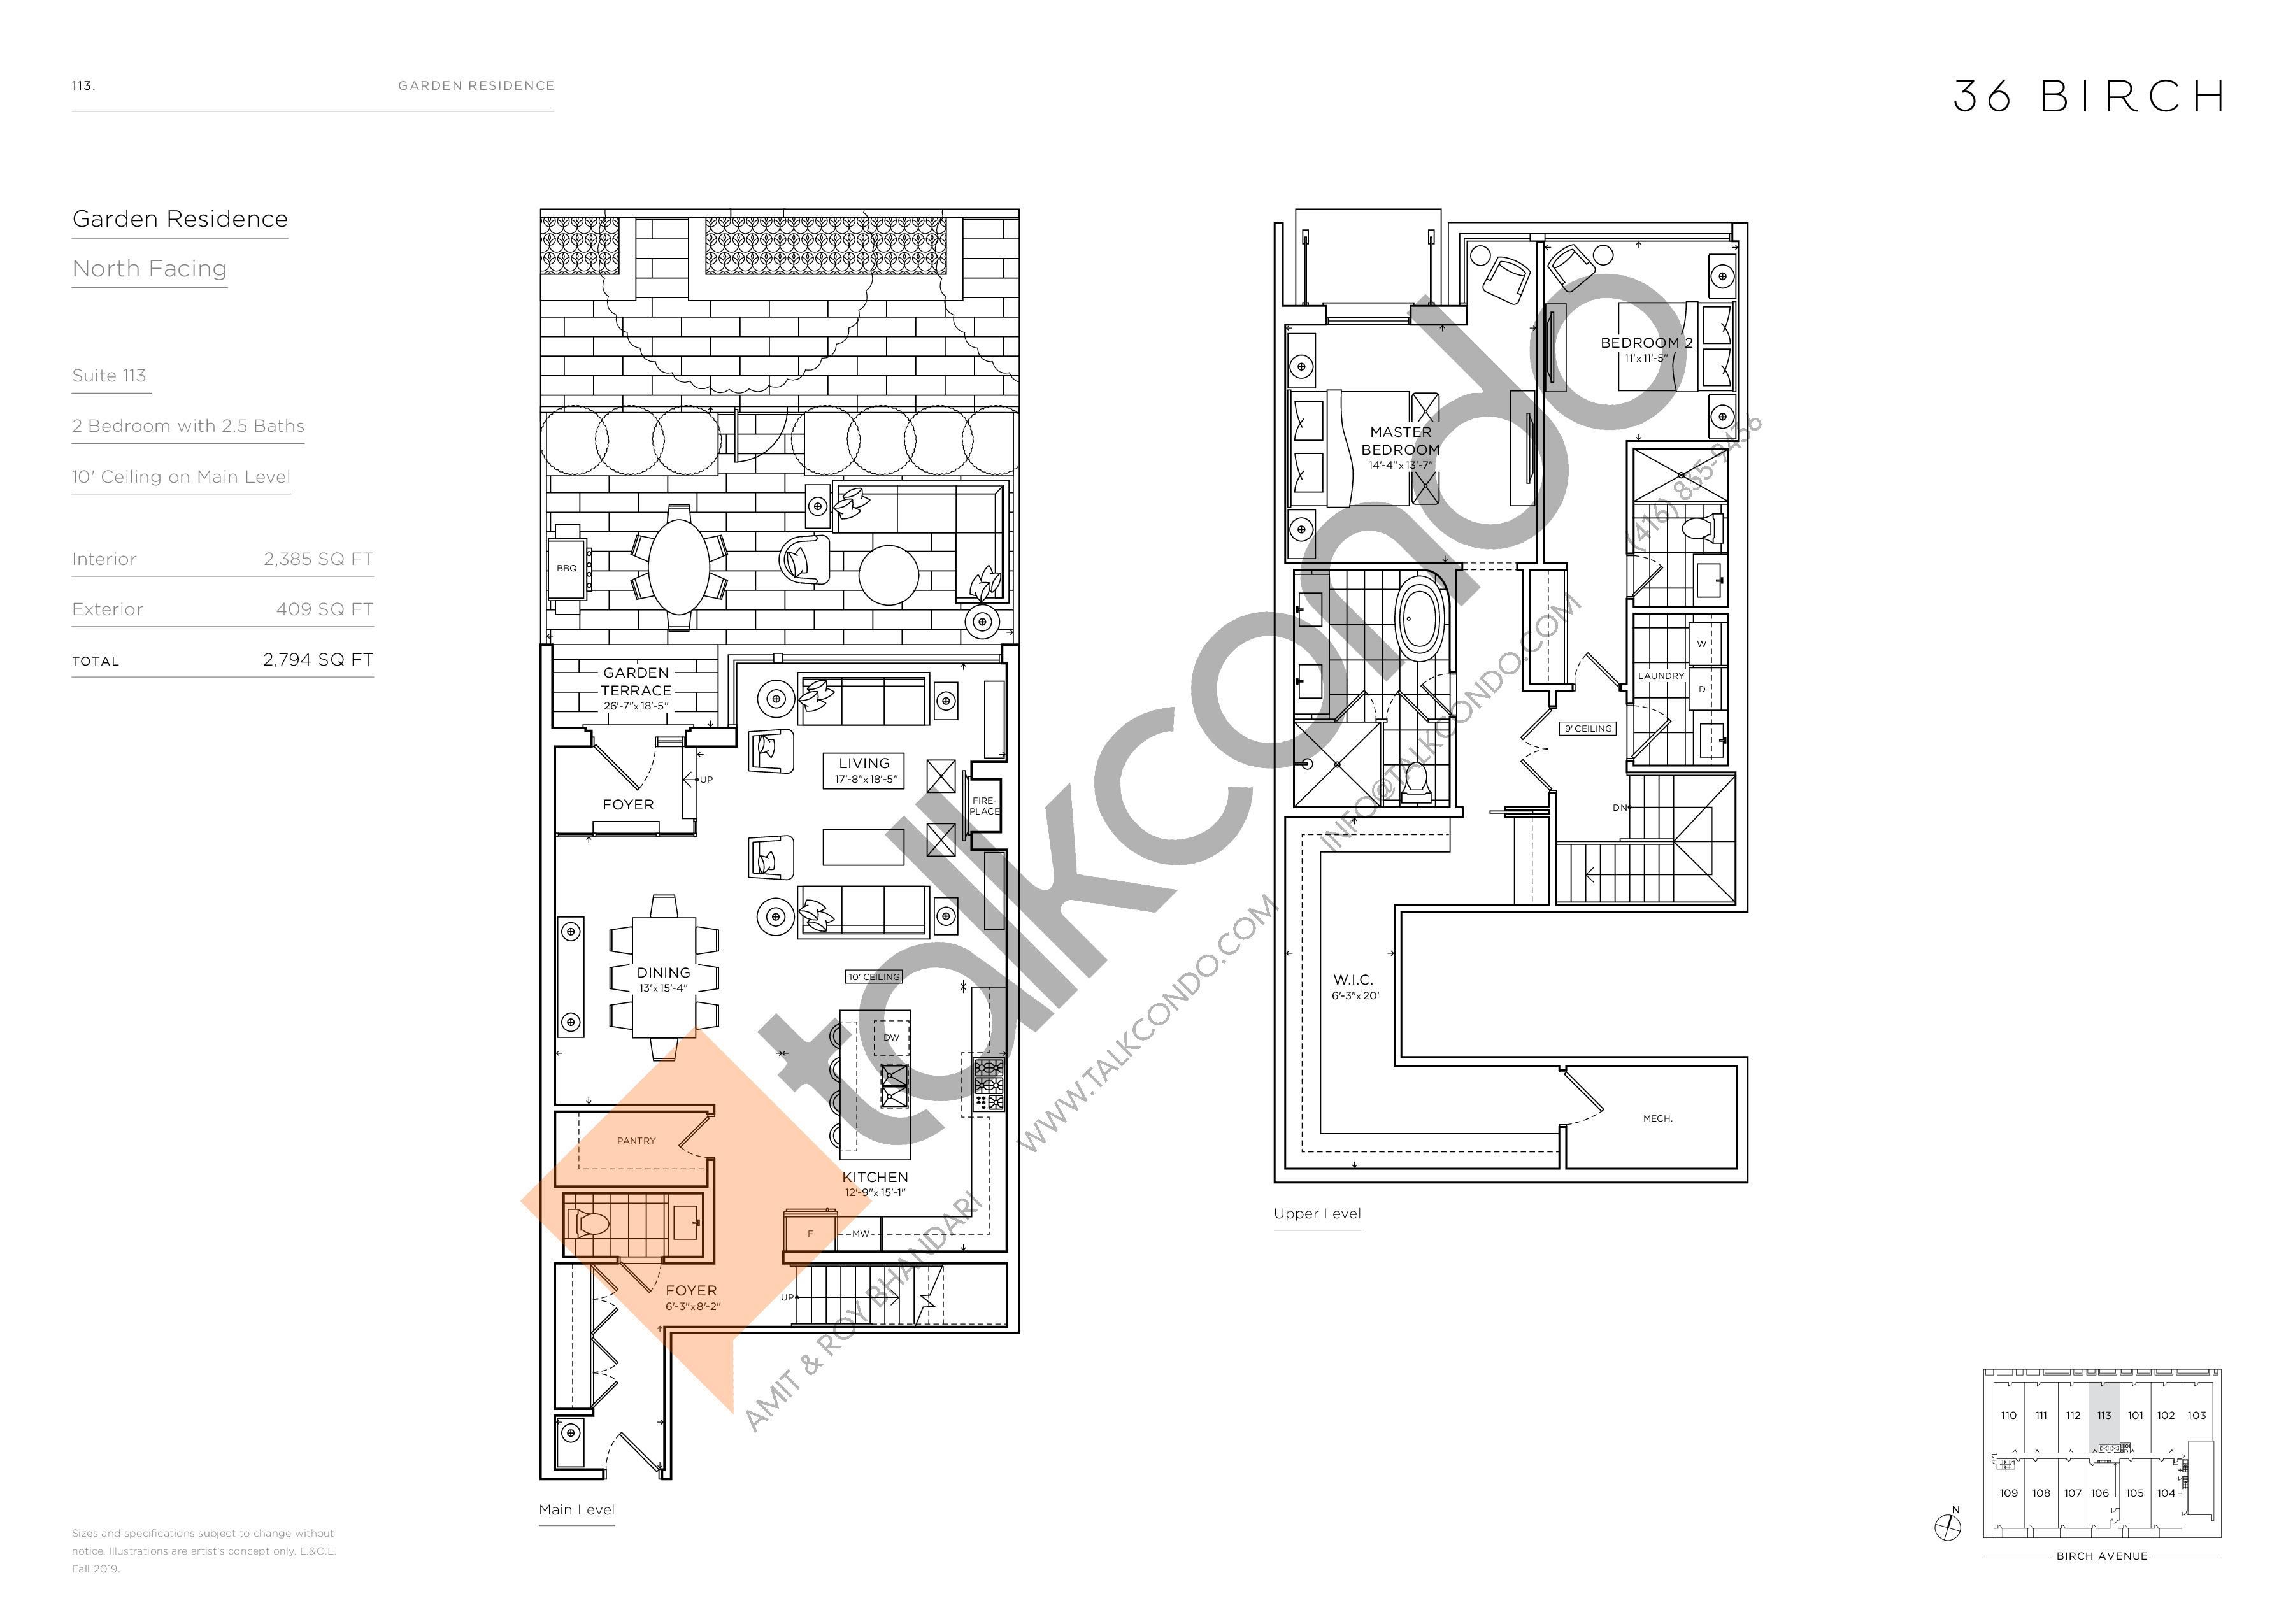 113 - Garden Residences Floor Plan at 36 Birch Condos - 2385 sq.ft